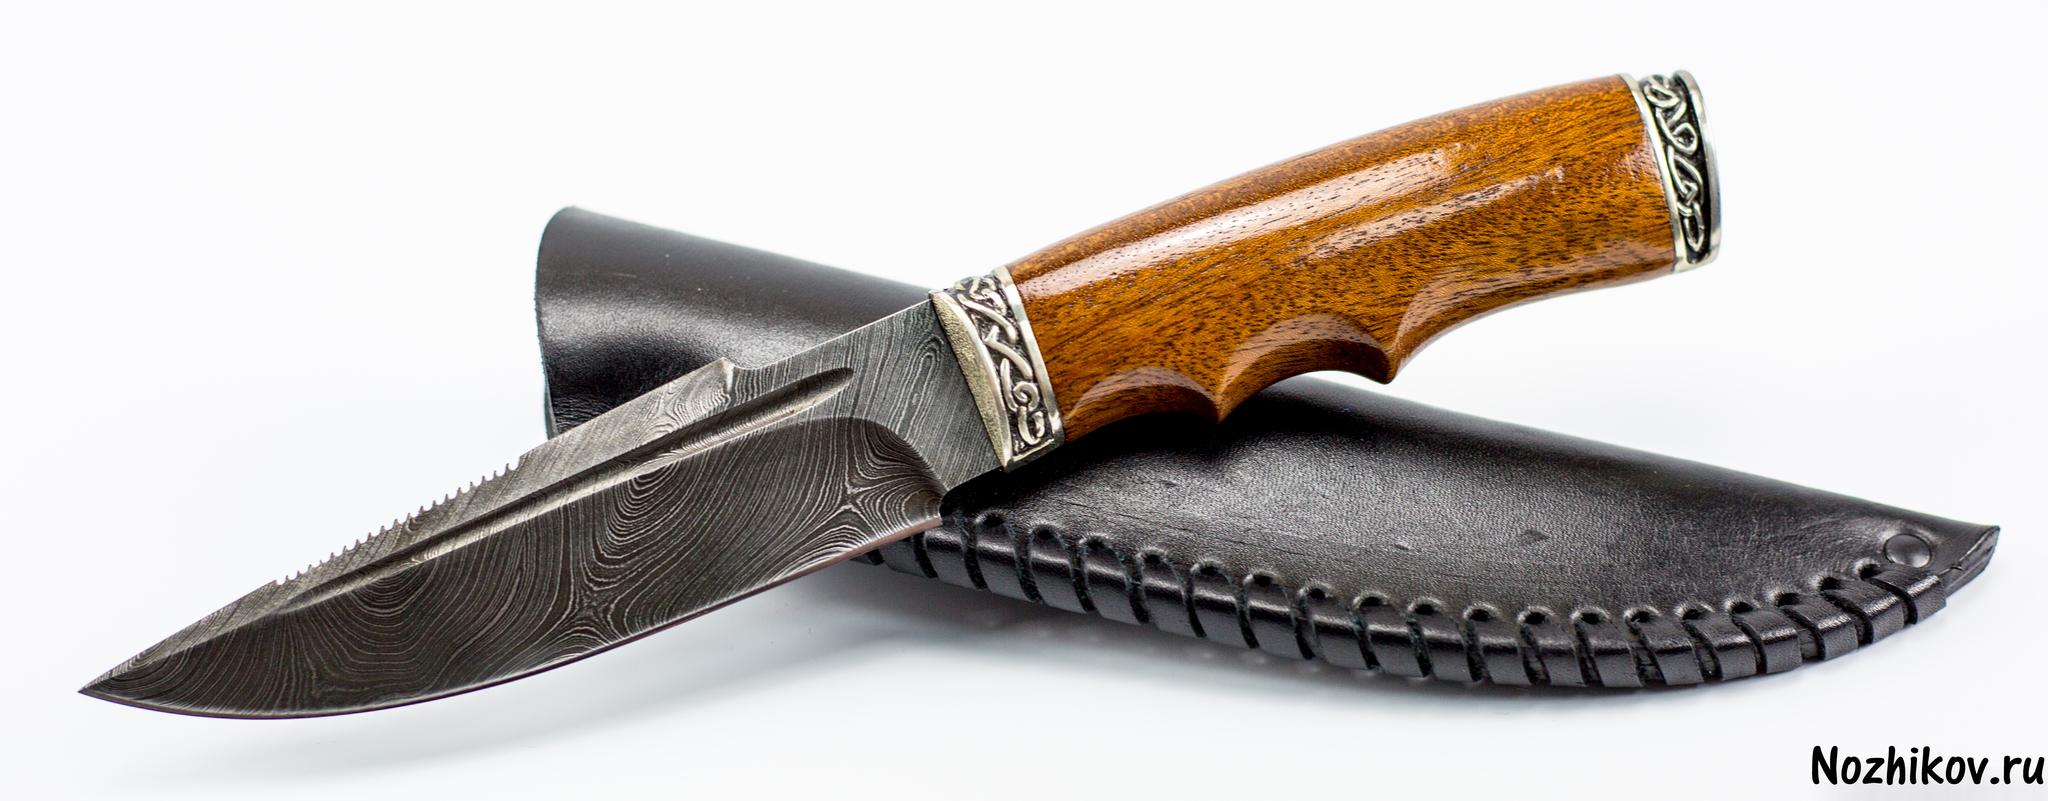 Фото 21 - Авторский Нож из Дамаска №8, Кизляр от Noname